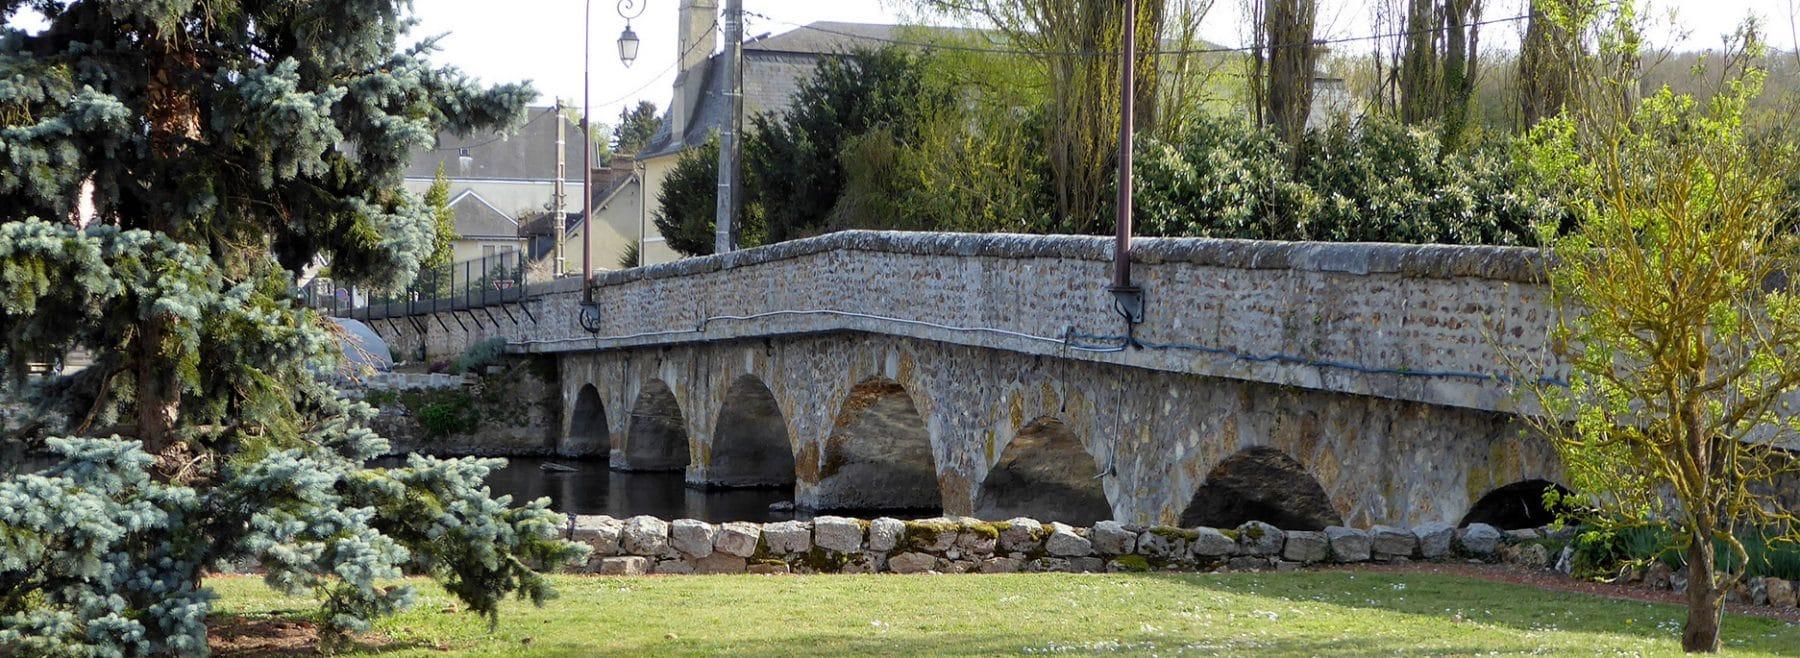 Saint-Rémy-sur-Avre